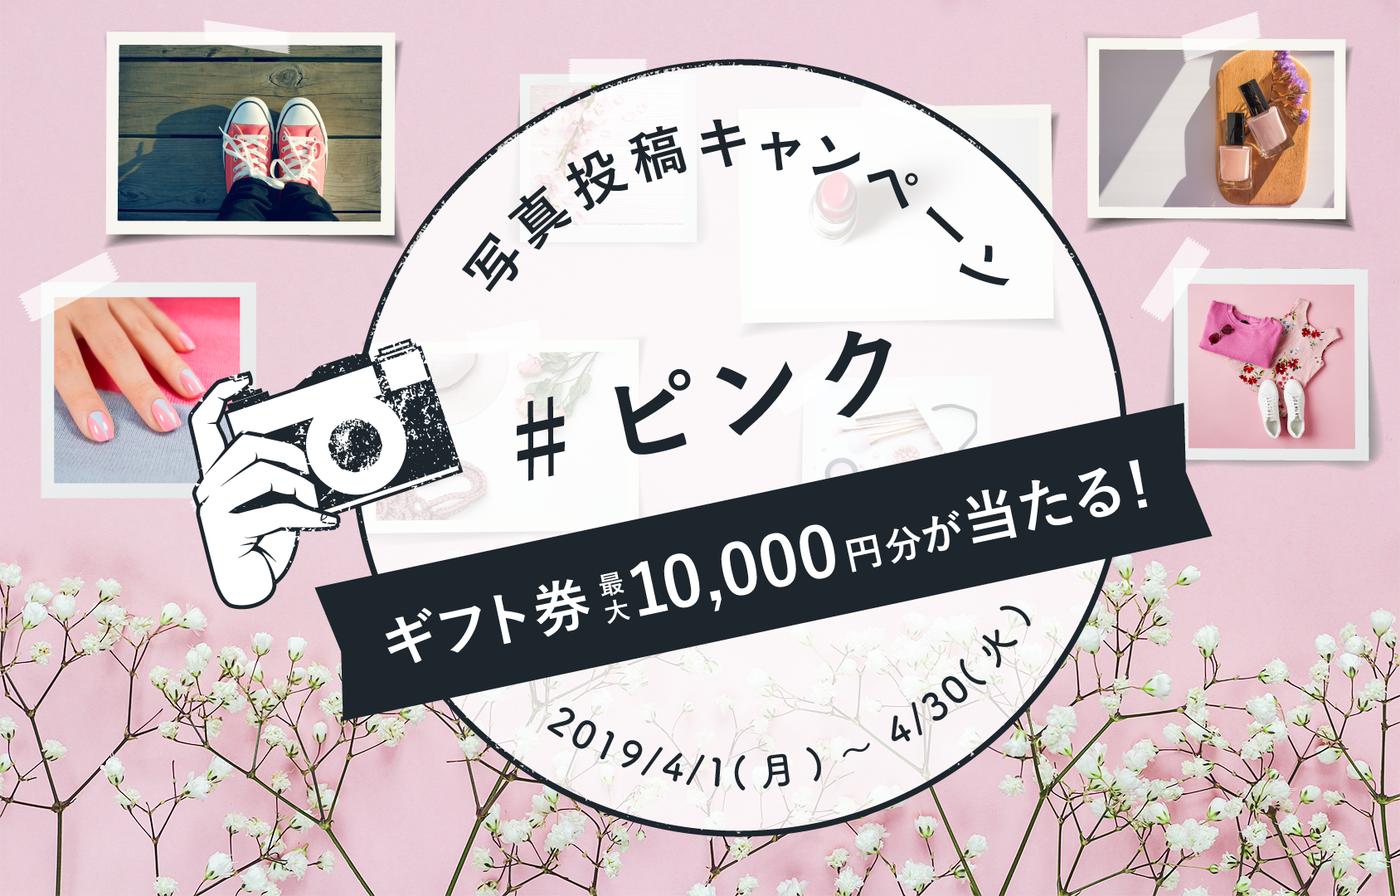 【応募終了】ギフト券が当たる!「#ピンク」キャンペーンの3枚目の画像